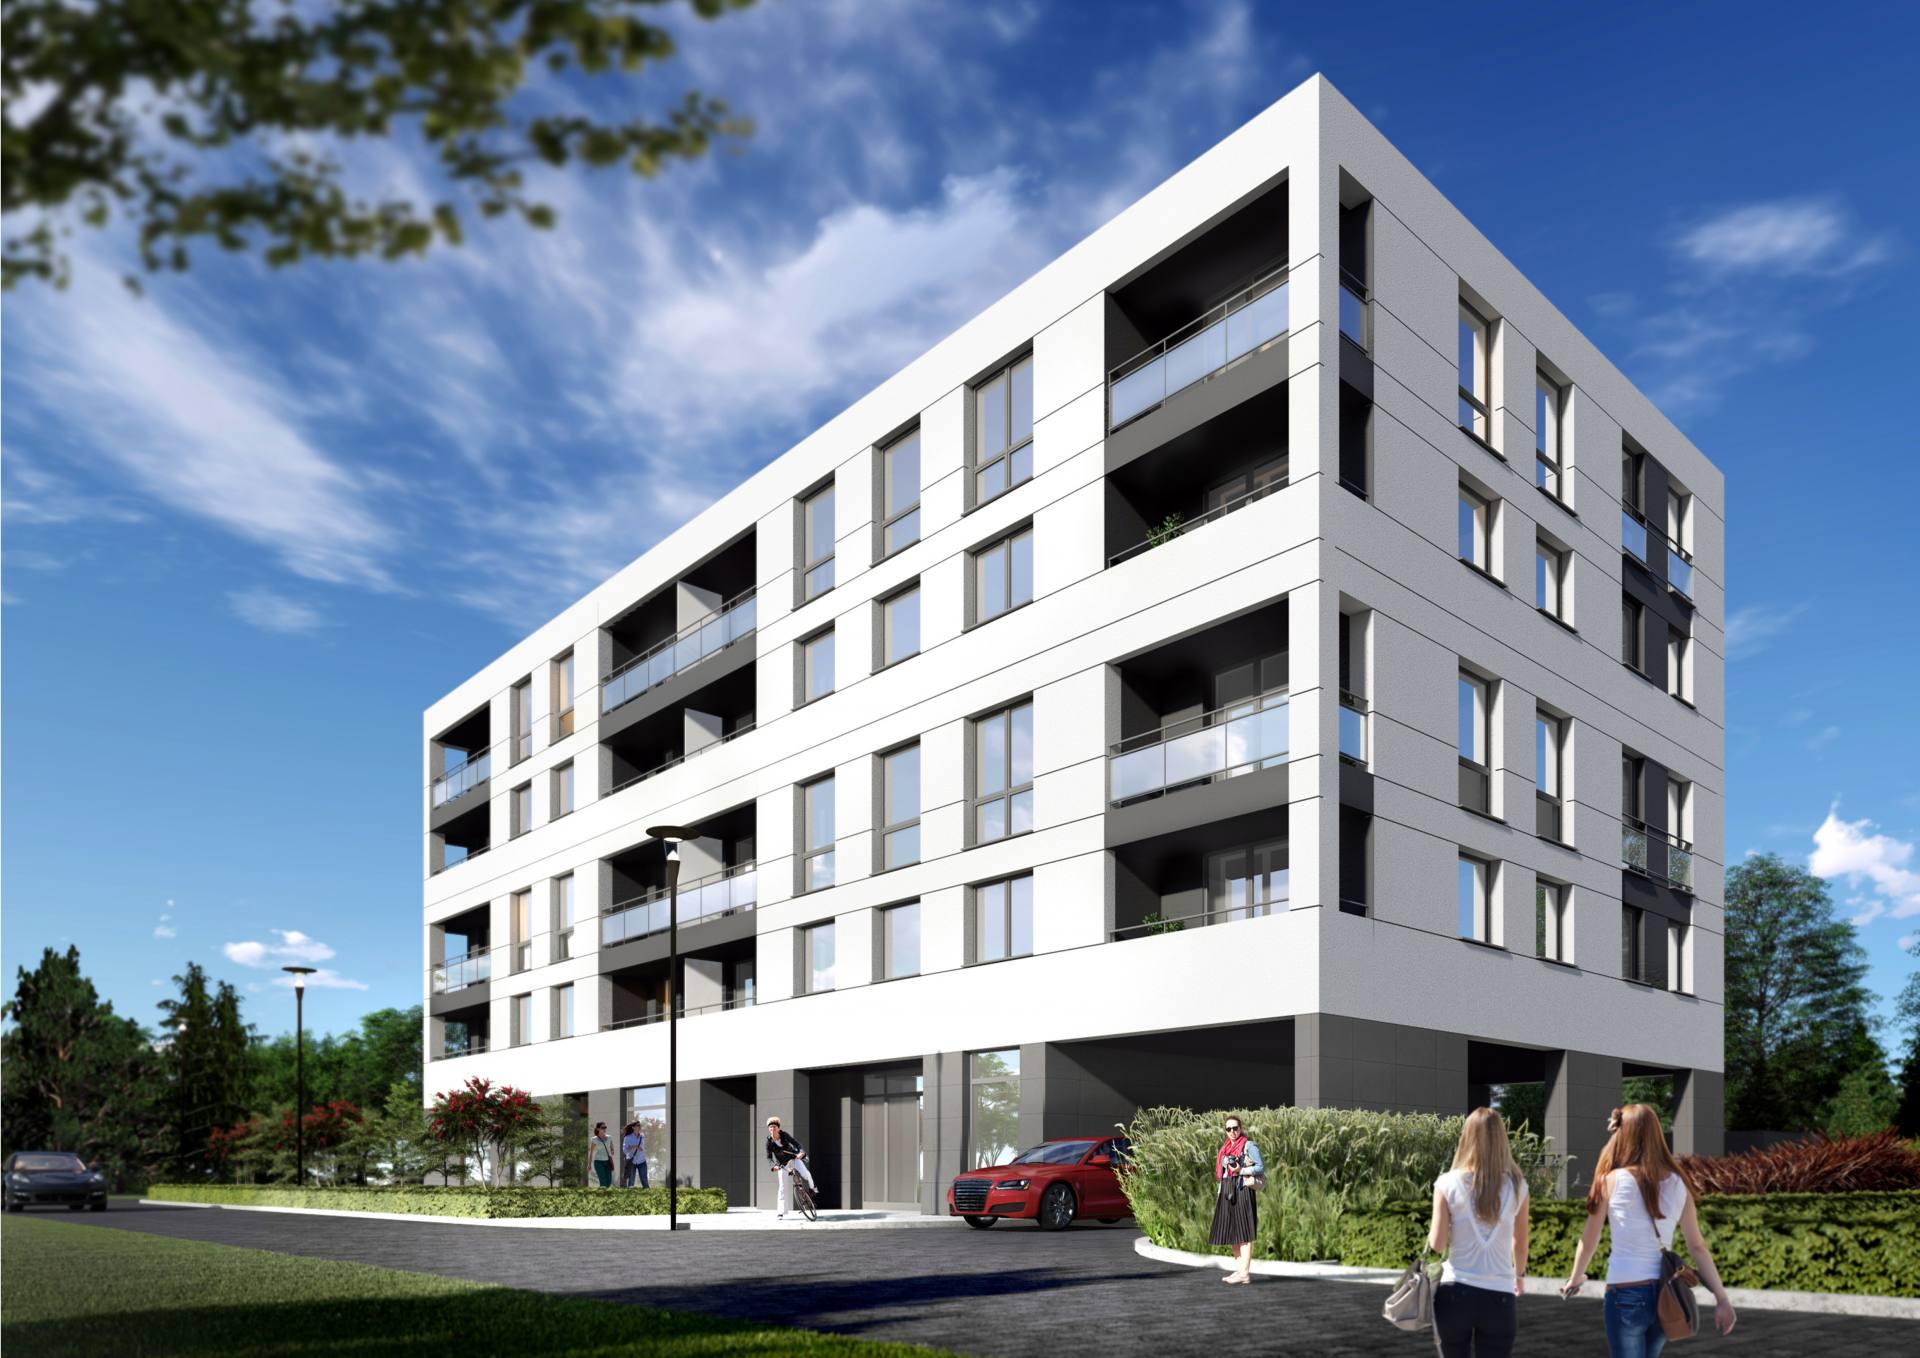 wyszynskiego widok 04 Istotne naruszenie prawa przez Radę Miasta Zamość – co dalej z inwestycjami dającymi nowe mieszkania i miejsca pracy?